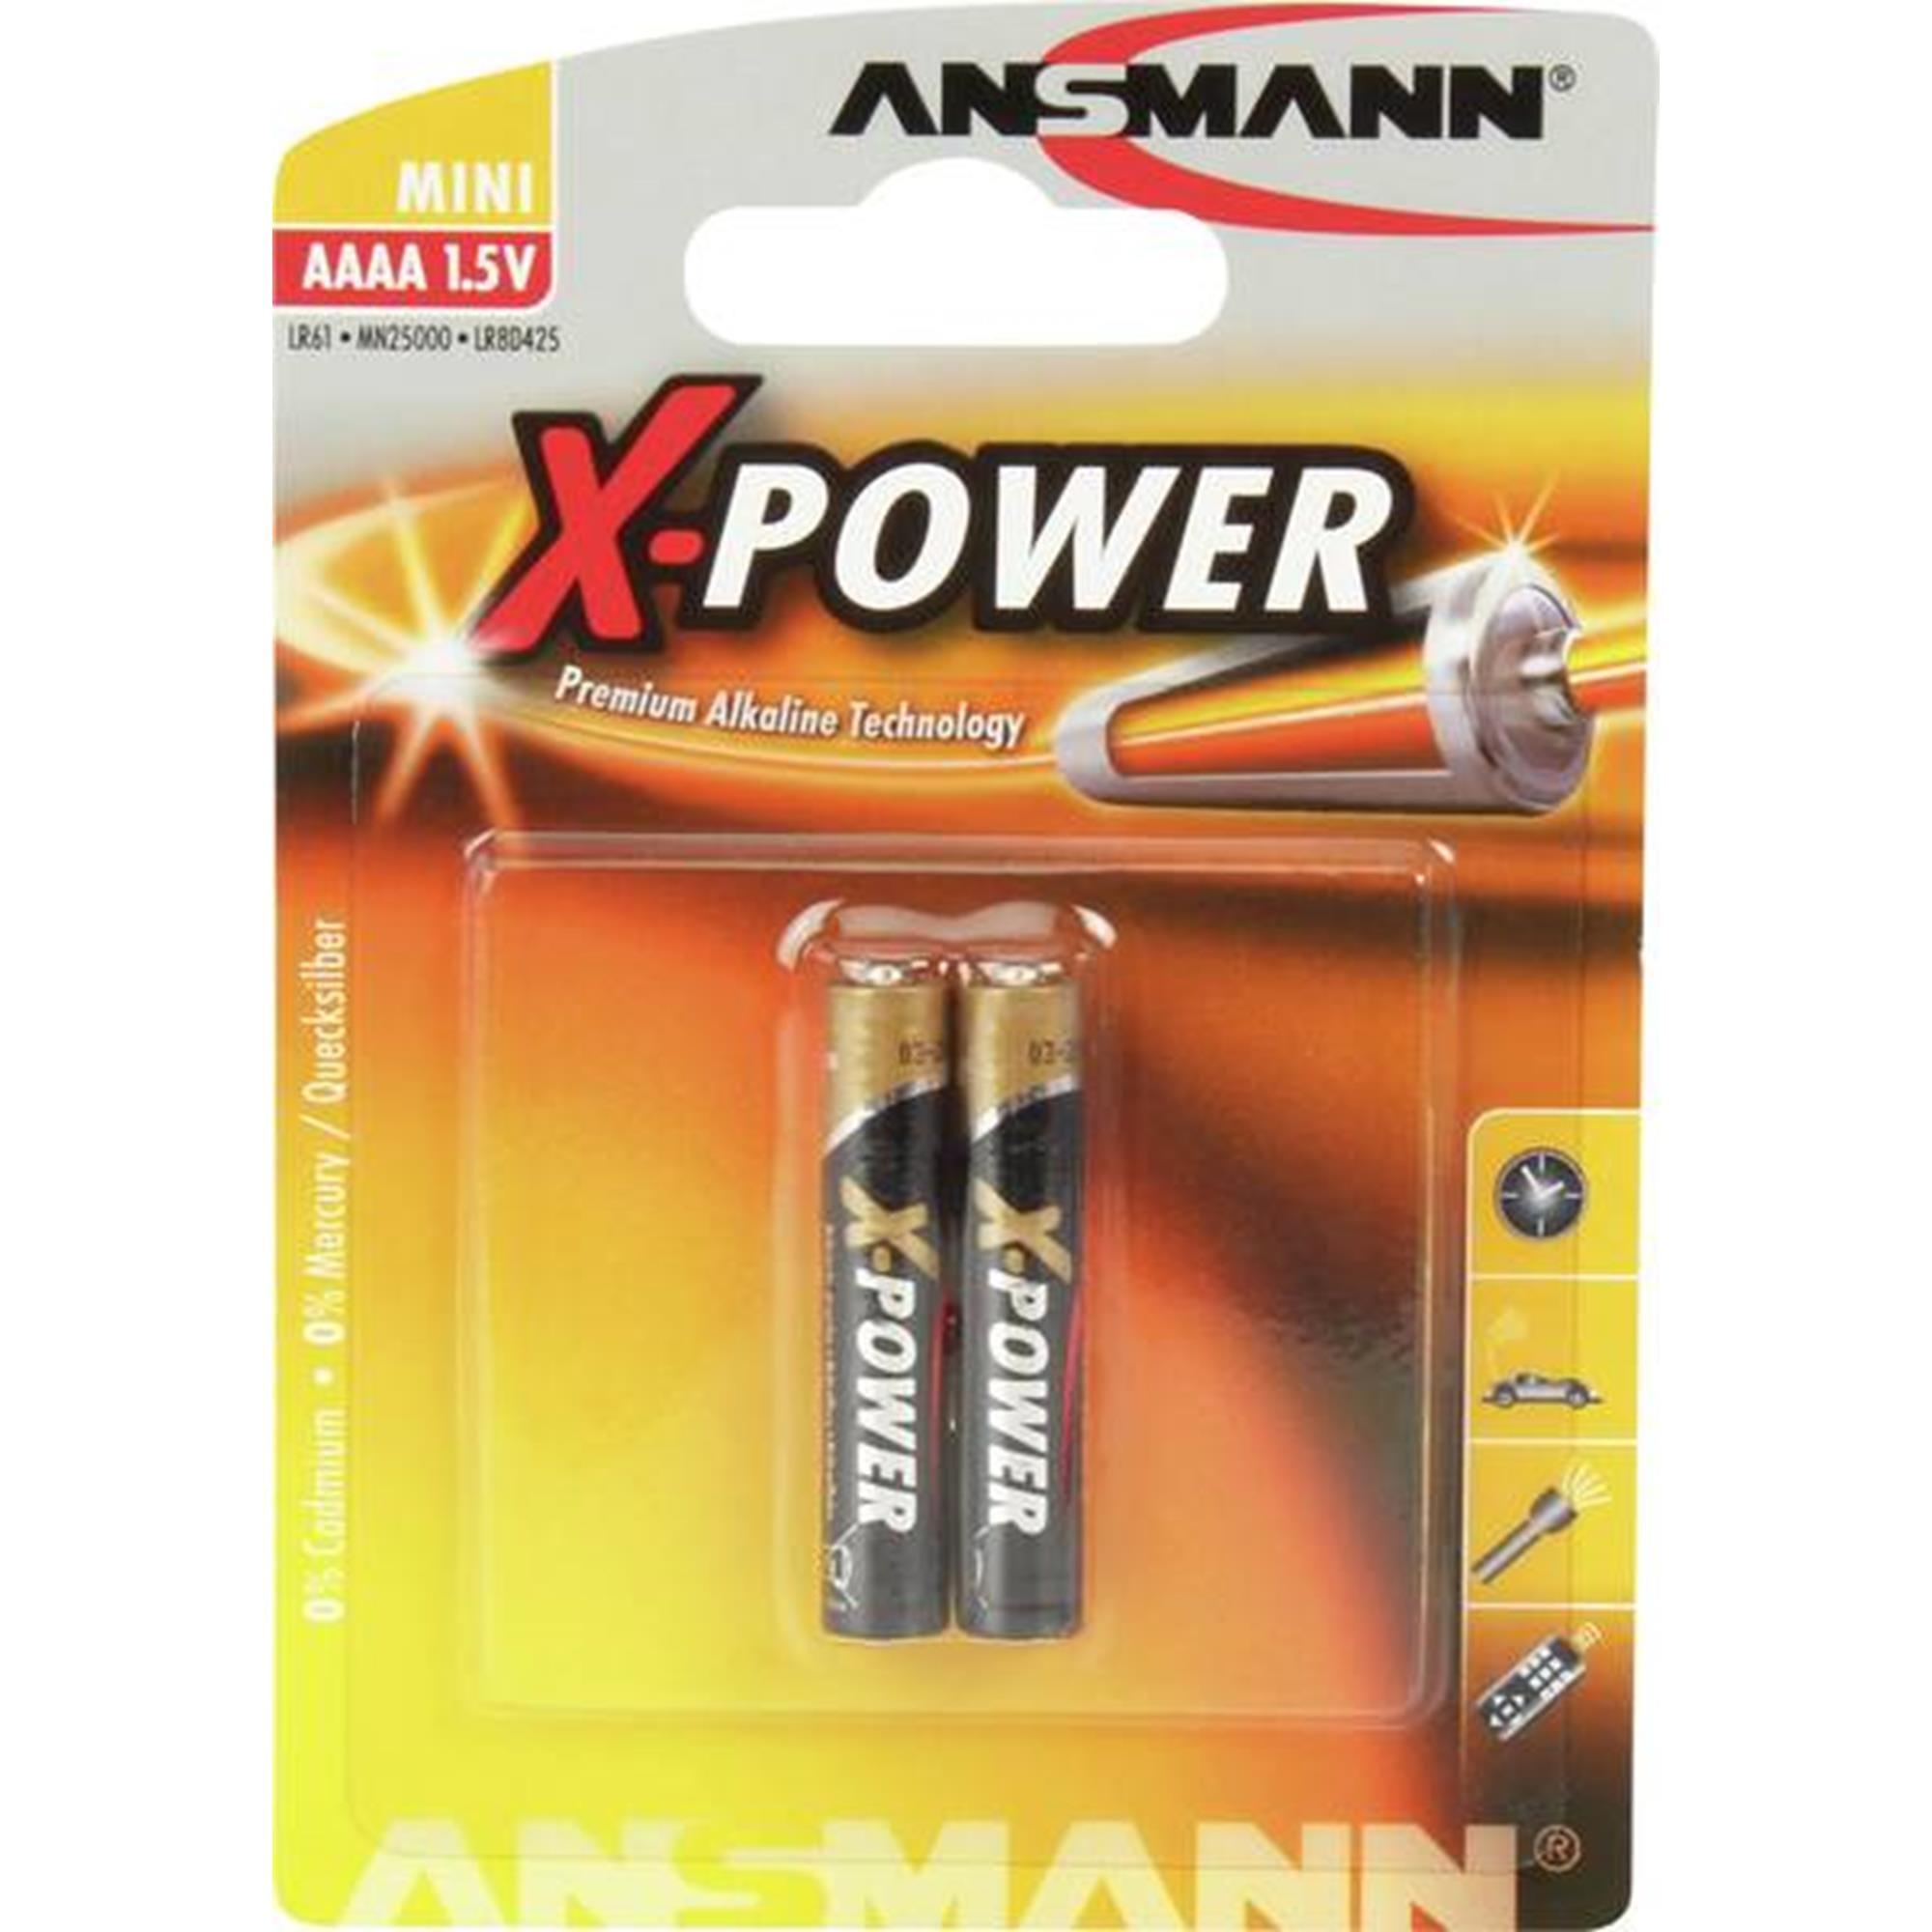 Batteri LR61 - AAAA 2-pack (Ansmann)